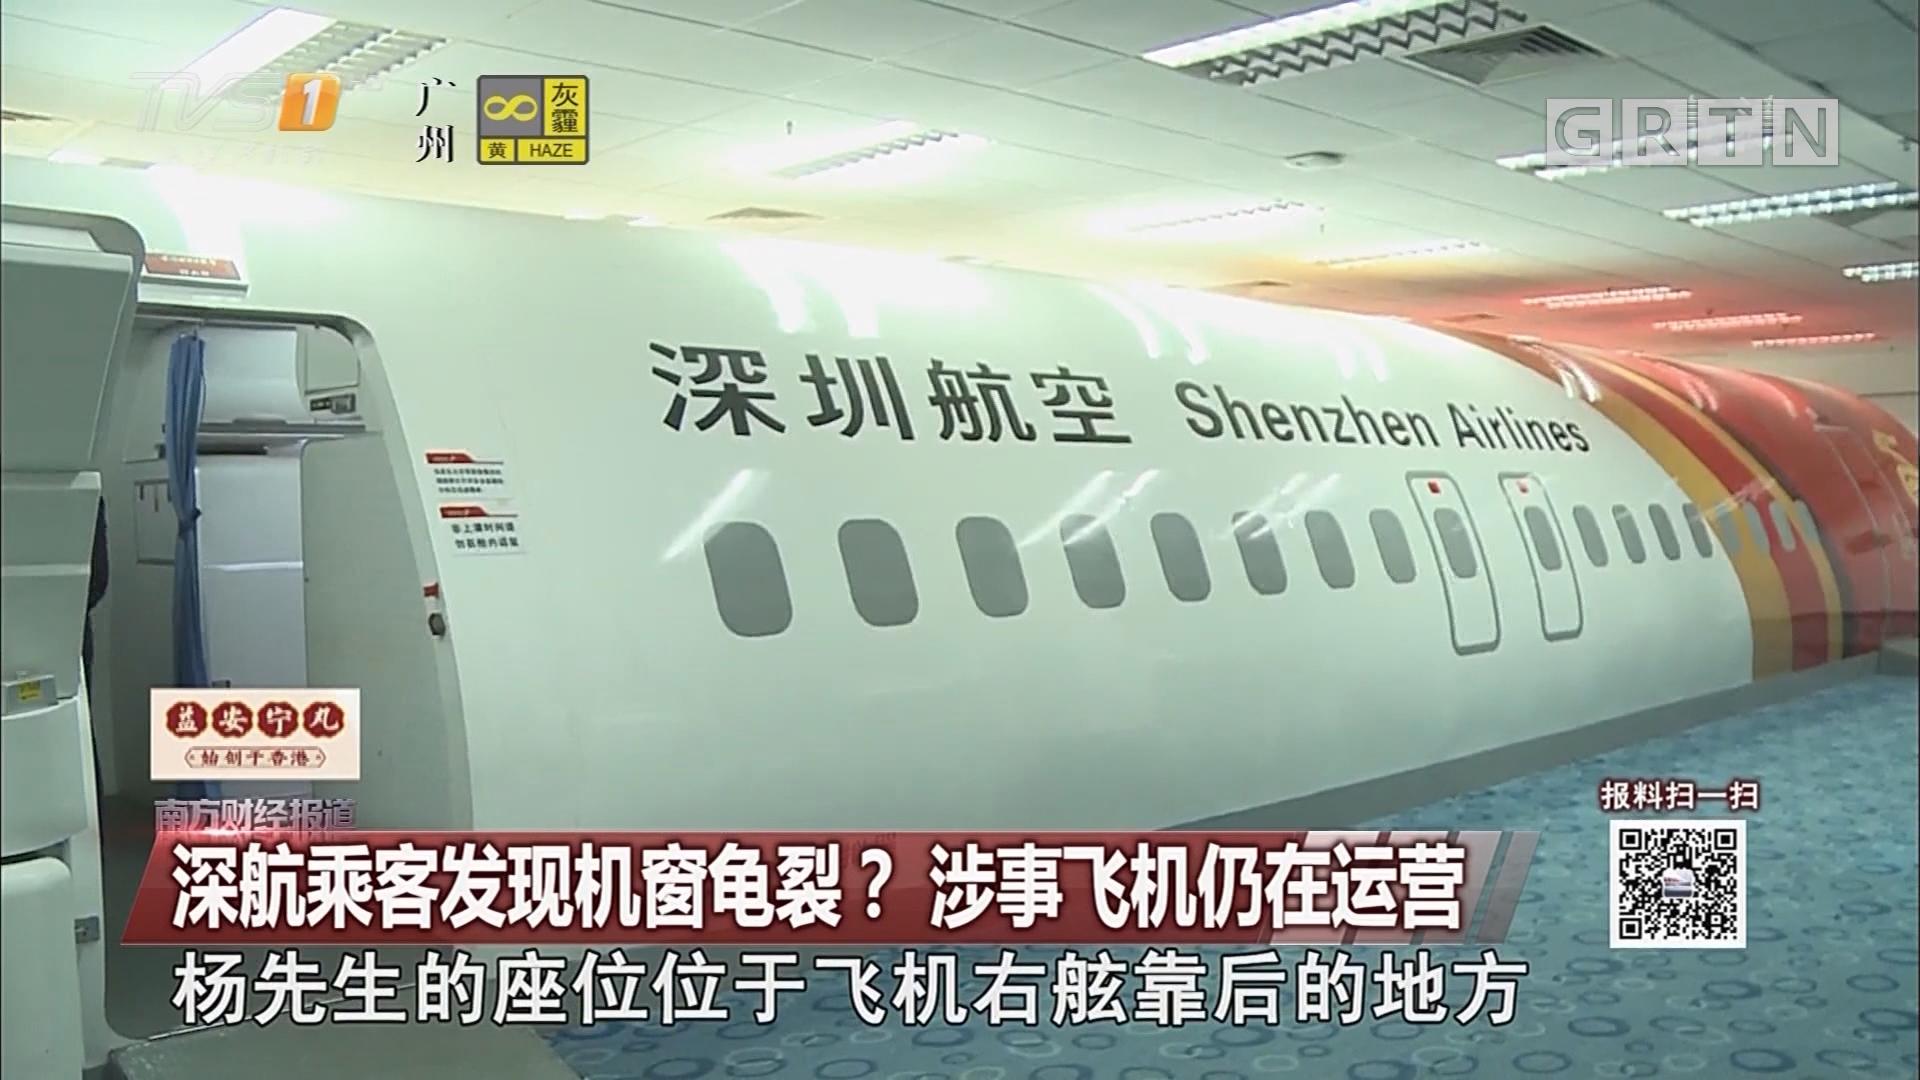 深航乘客发现机窗龟裂?涉事飞机仍在运营